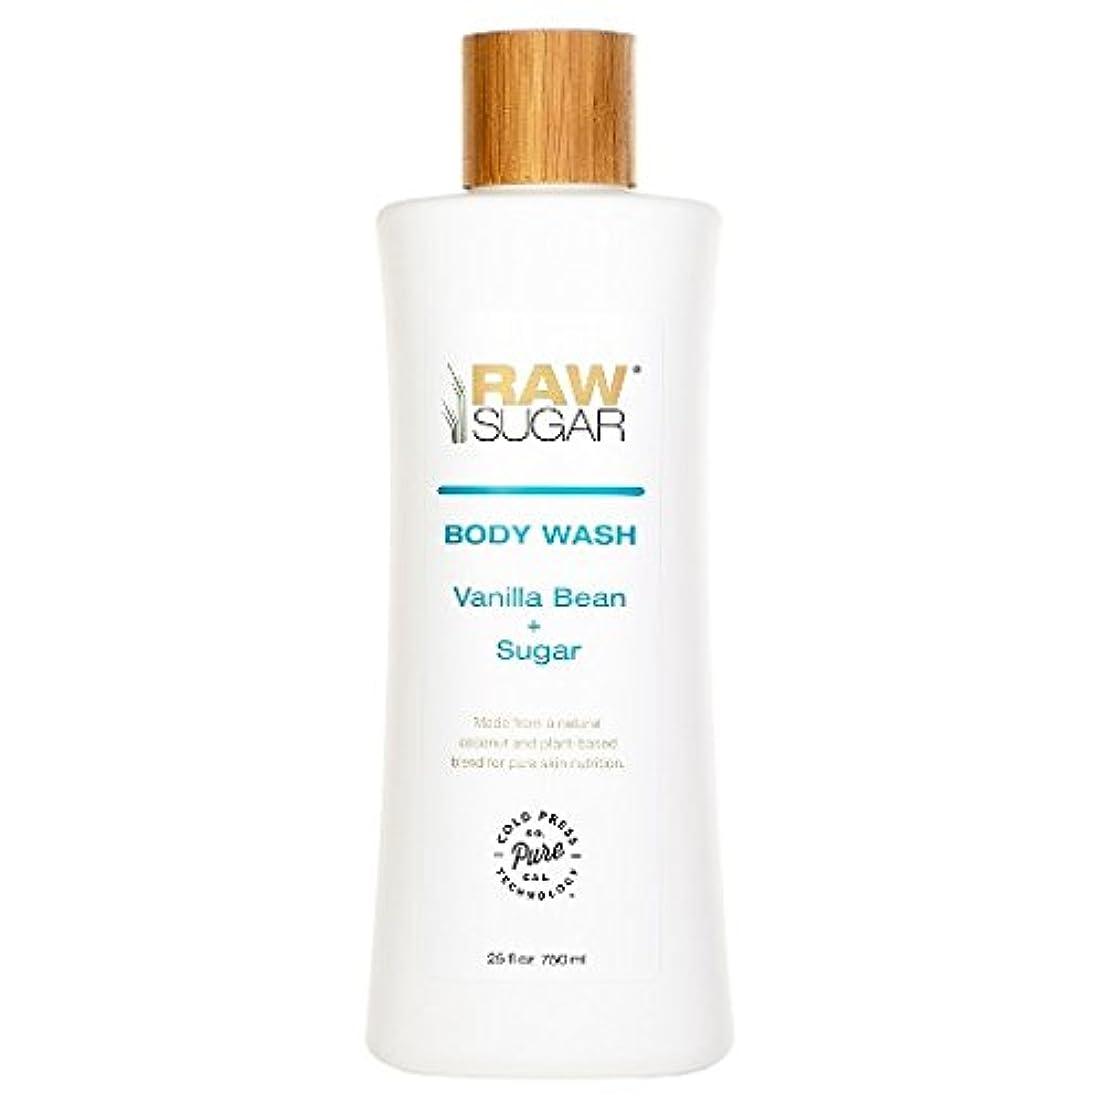 広範囲にテンション一般化するRAWTM Sugar Awash in Expectation Vanilla Bean+Sugar Body Wash - 25 oz by raw